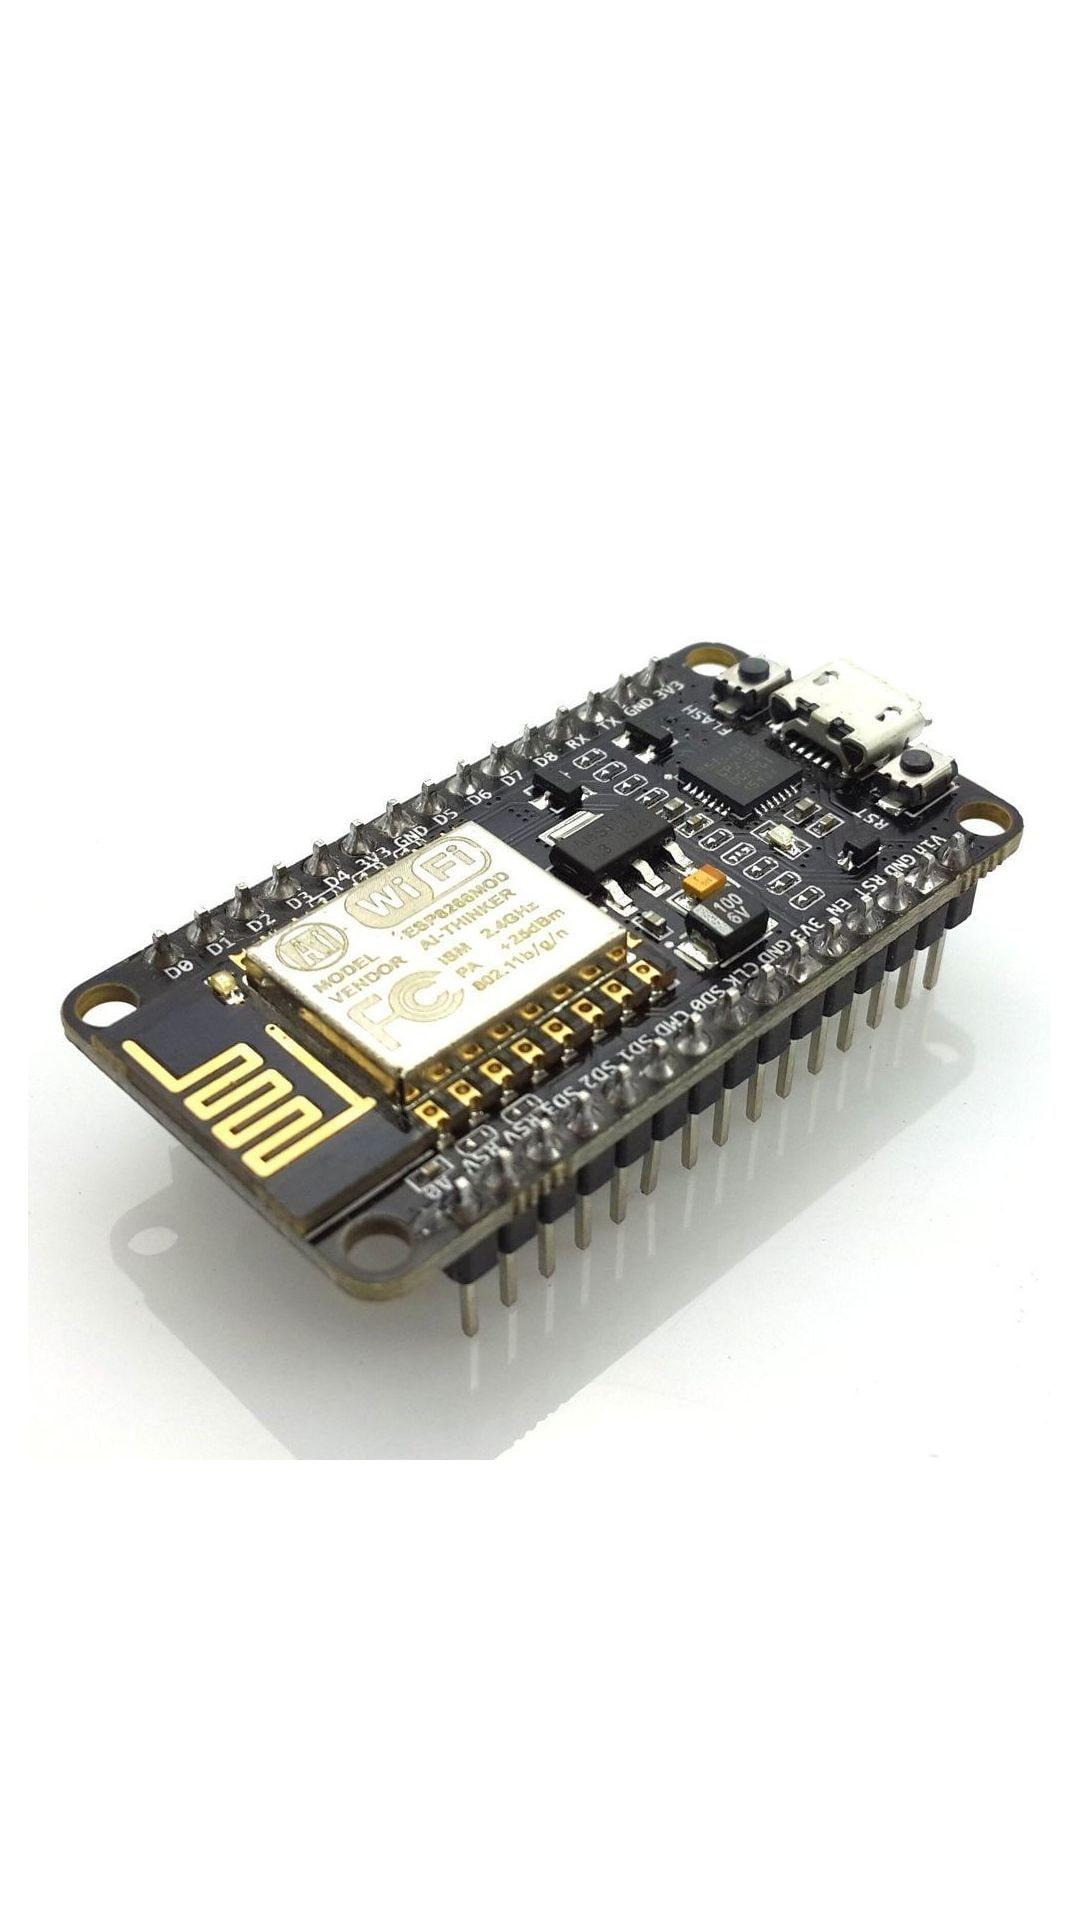 39e40191ff2ba Auslese ESP8266 NodeMcu WiFi Development Board